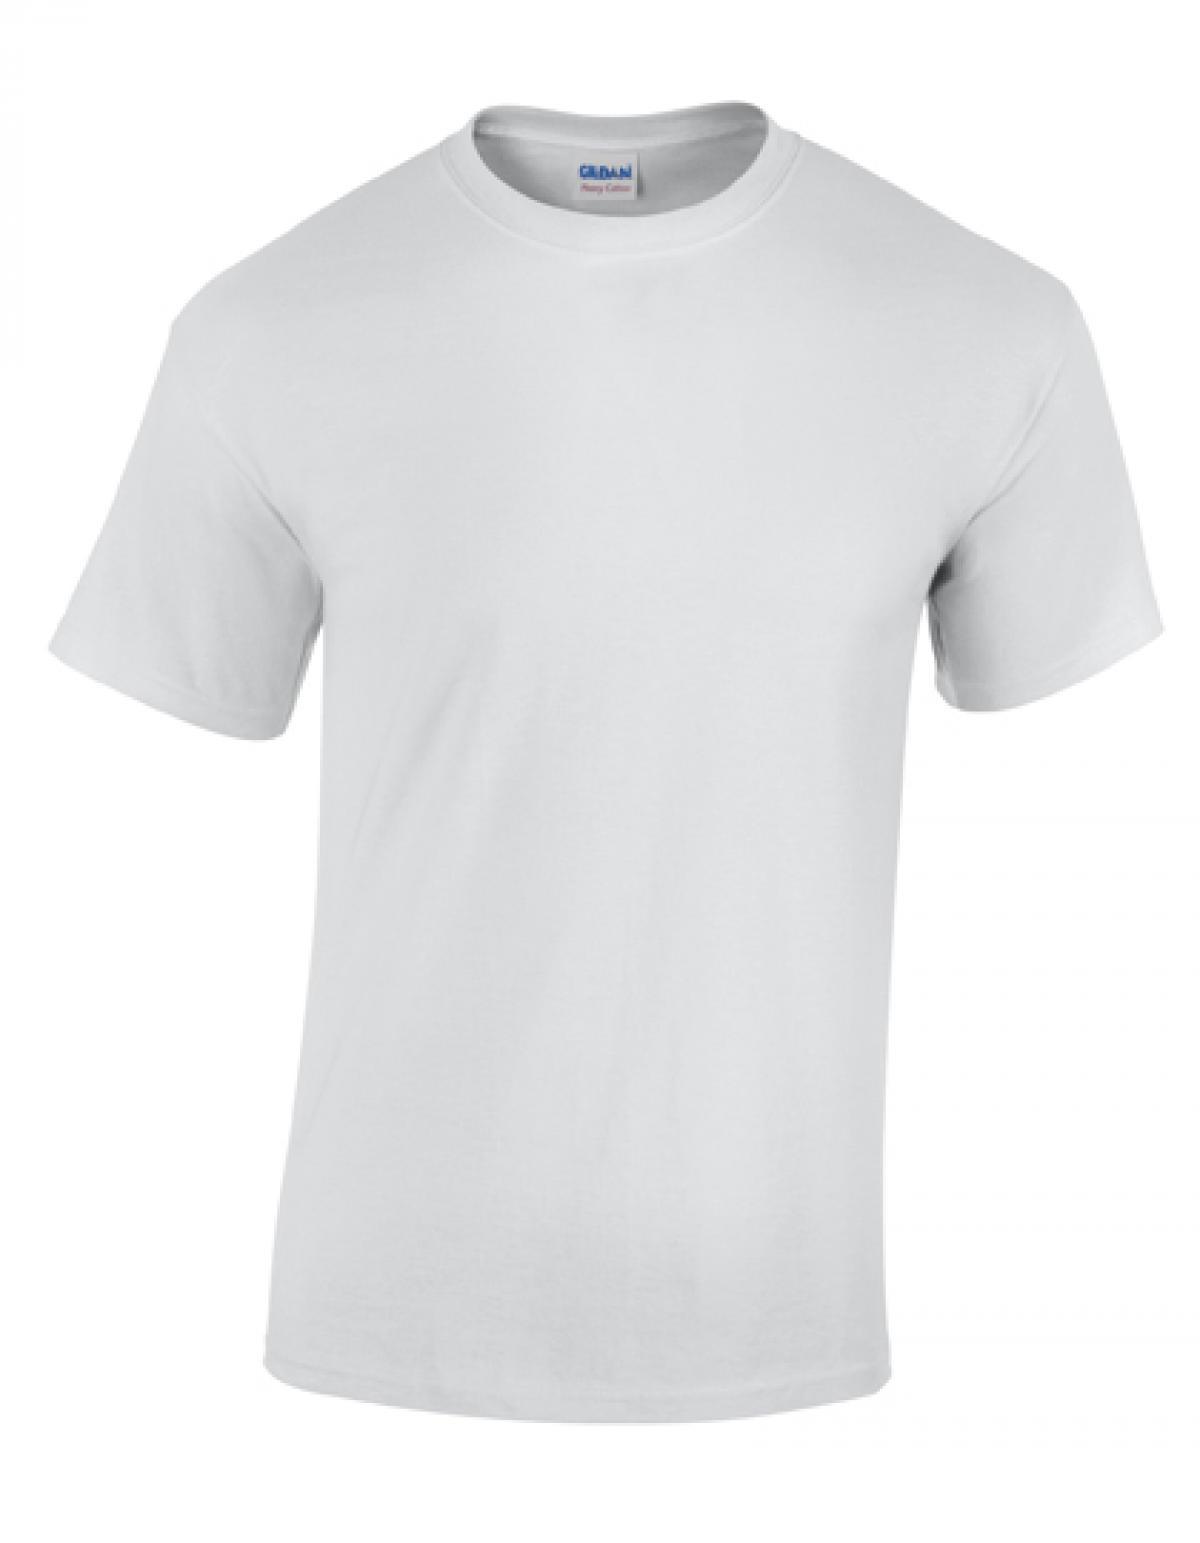 Heavy cotton herren t shirt rexlander s for Thick white cotton t shirt